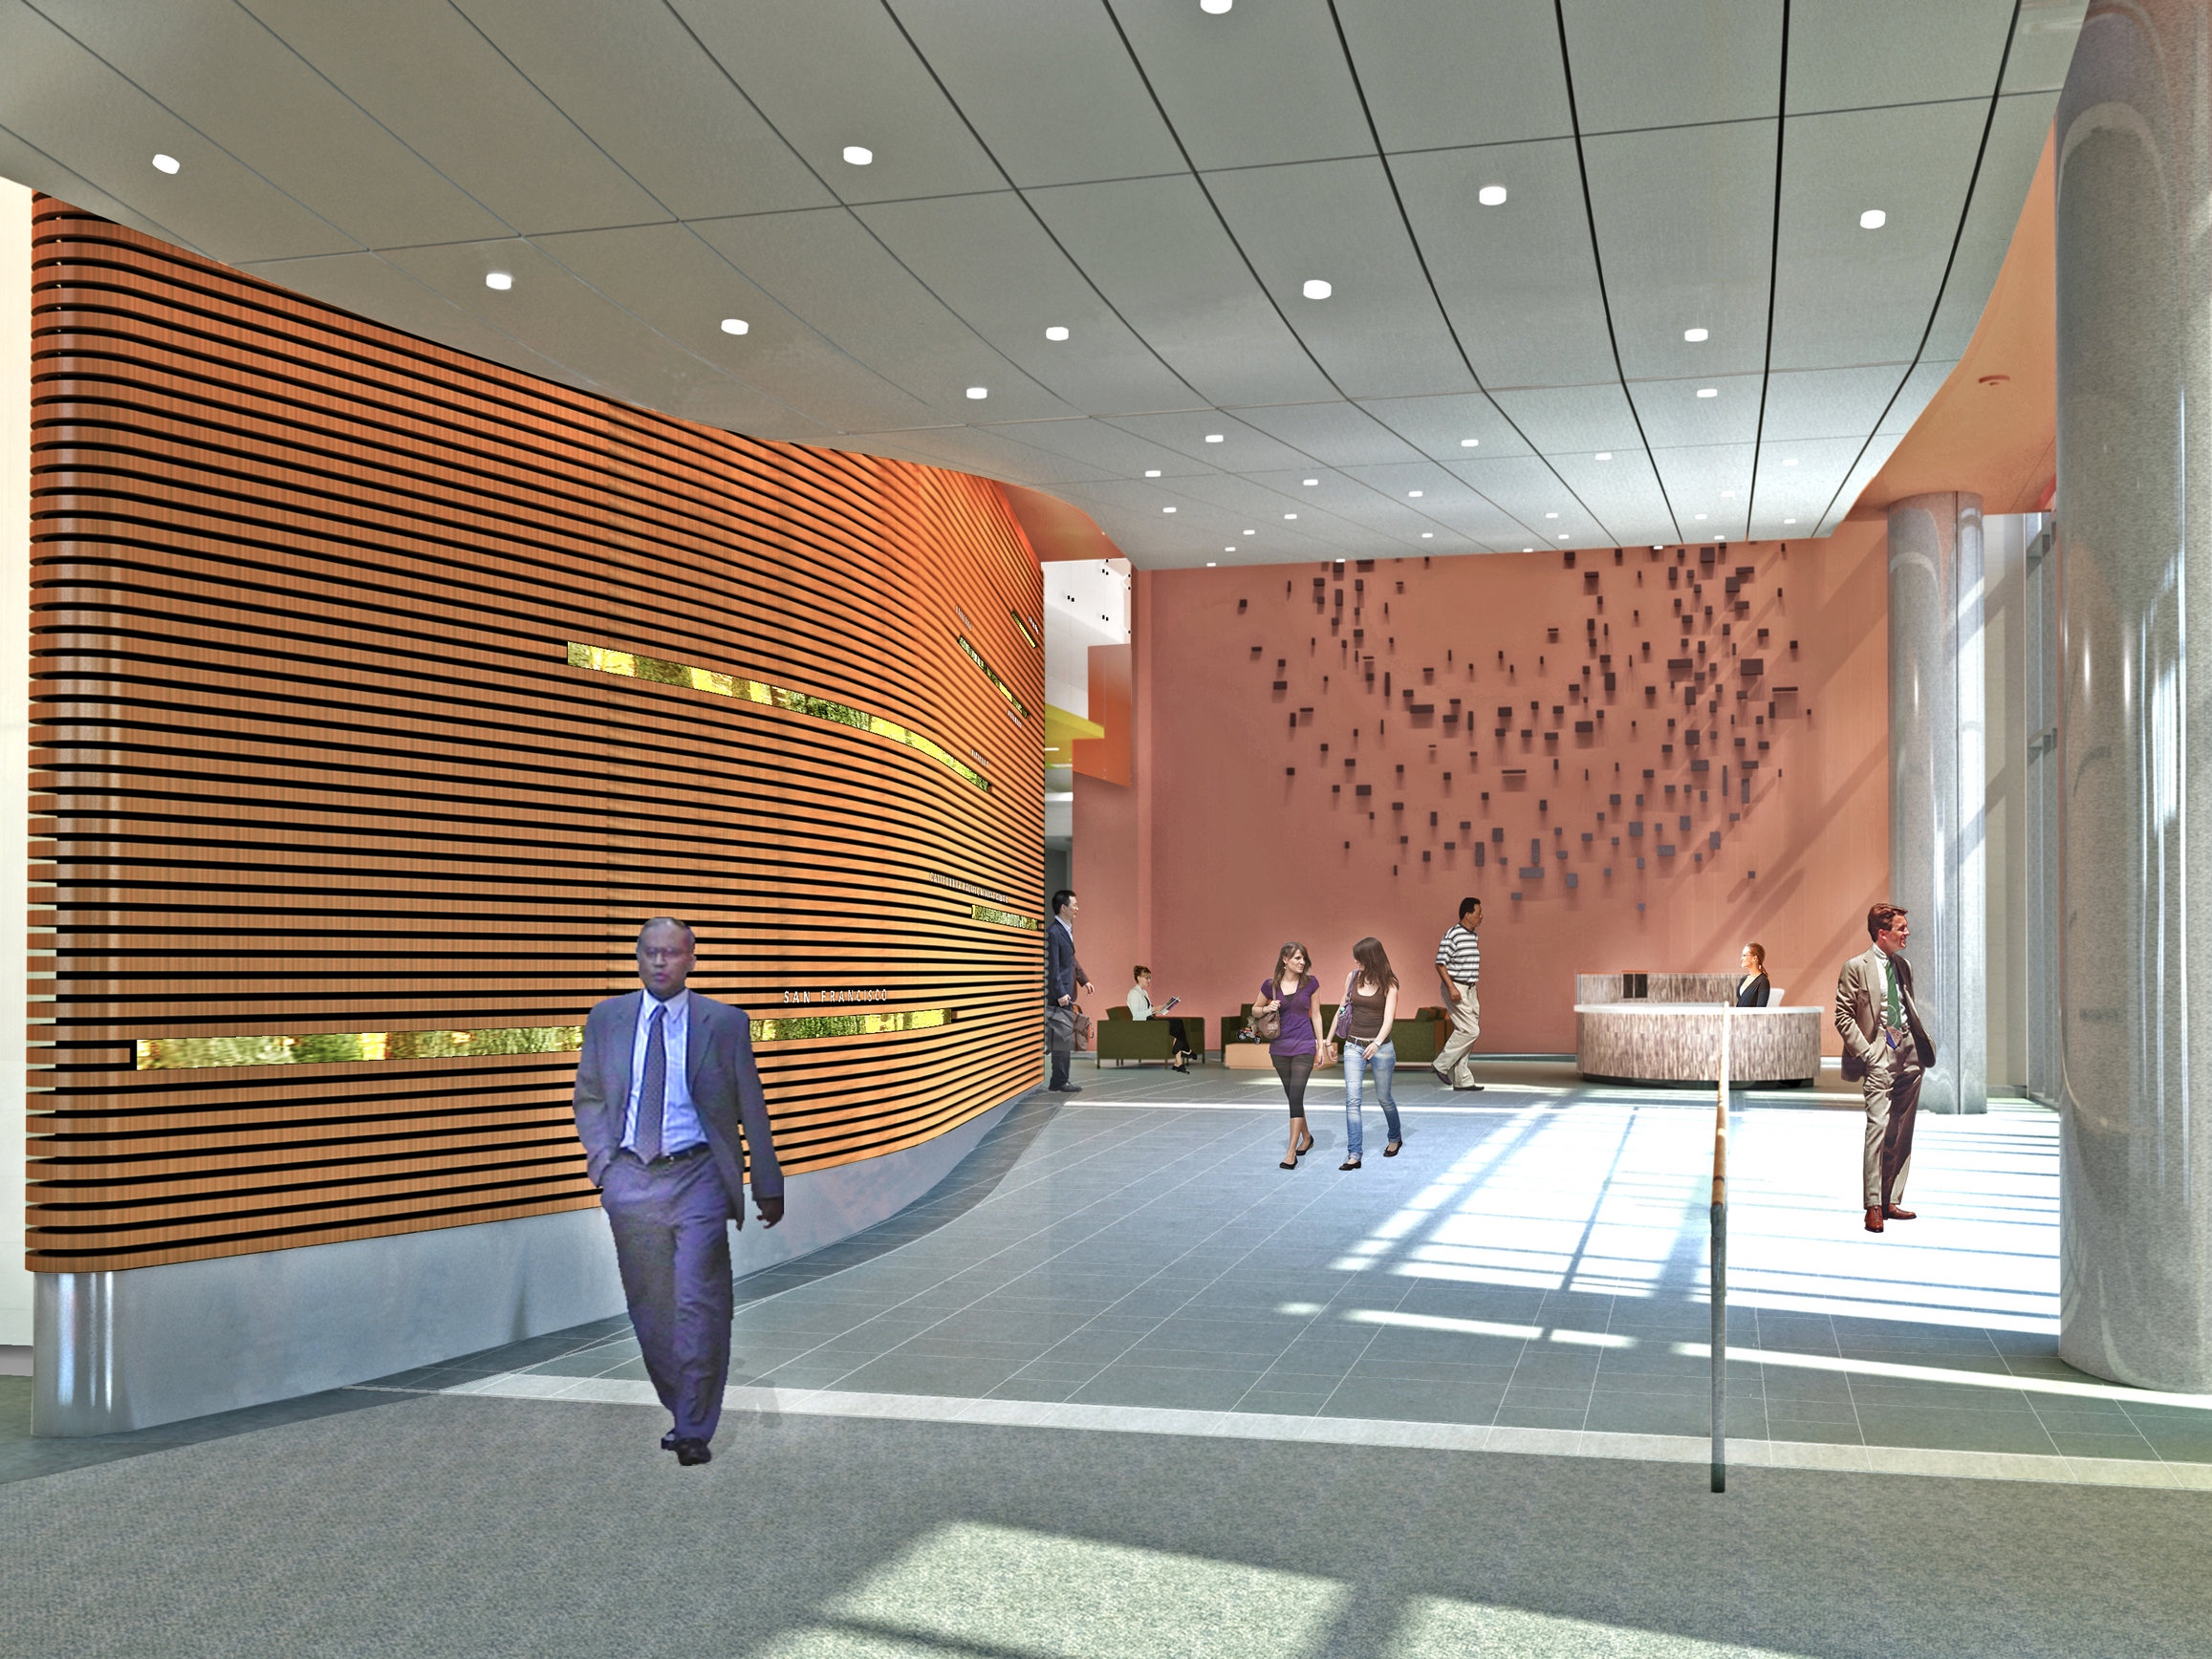 rendering_BA_van+ness+lobby.jpg